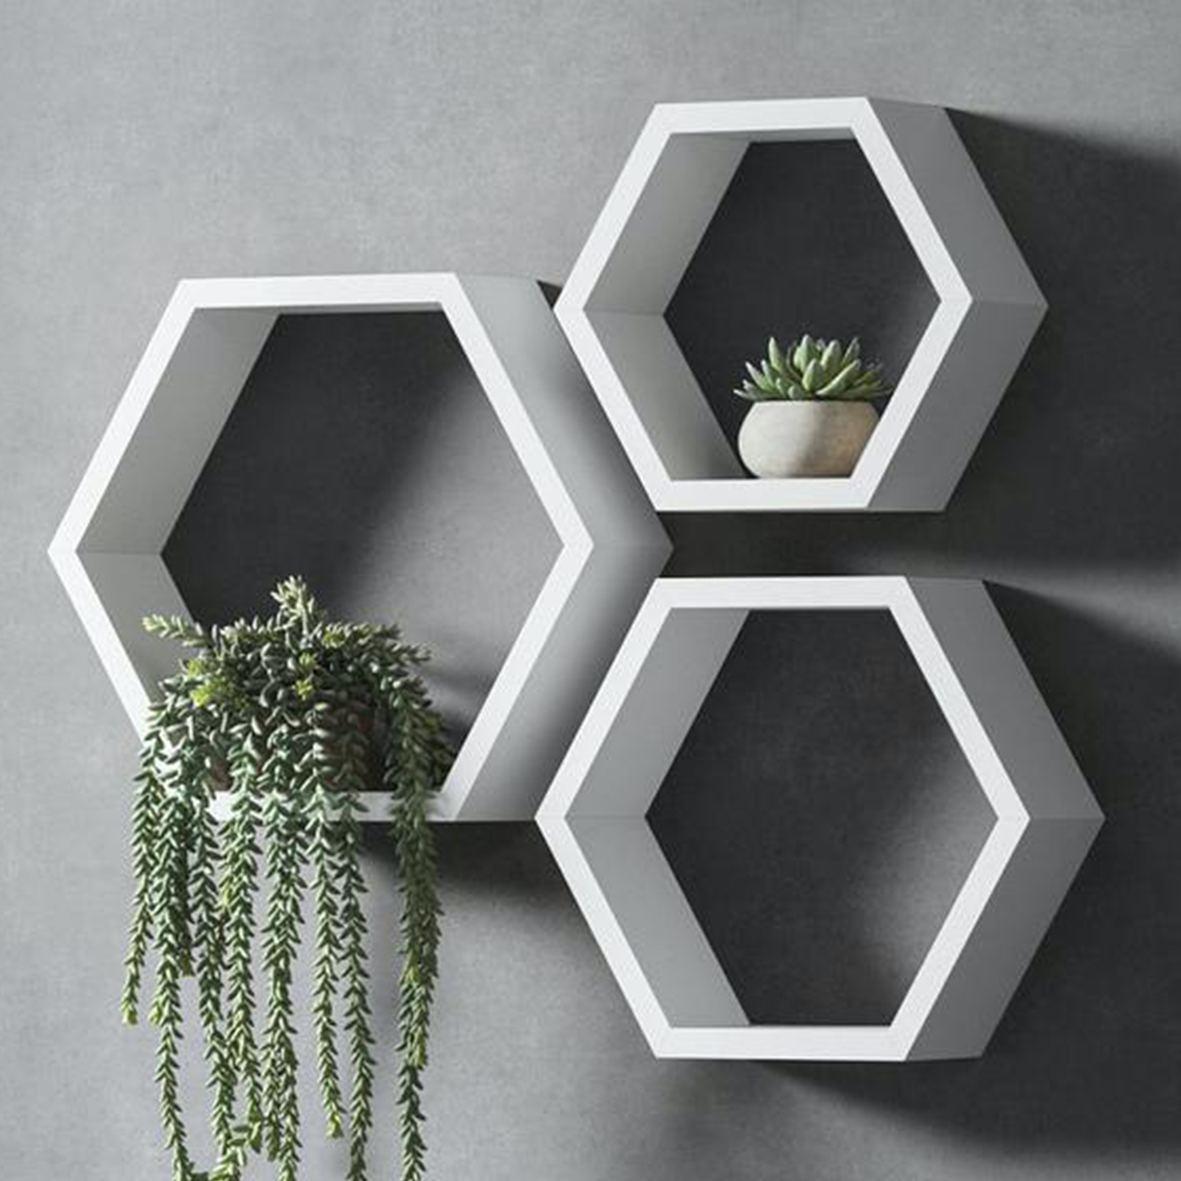 Rak Dinding Hexagonal Minimalis Modern